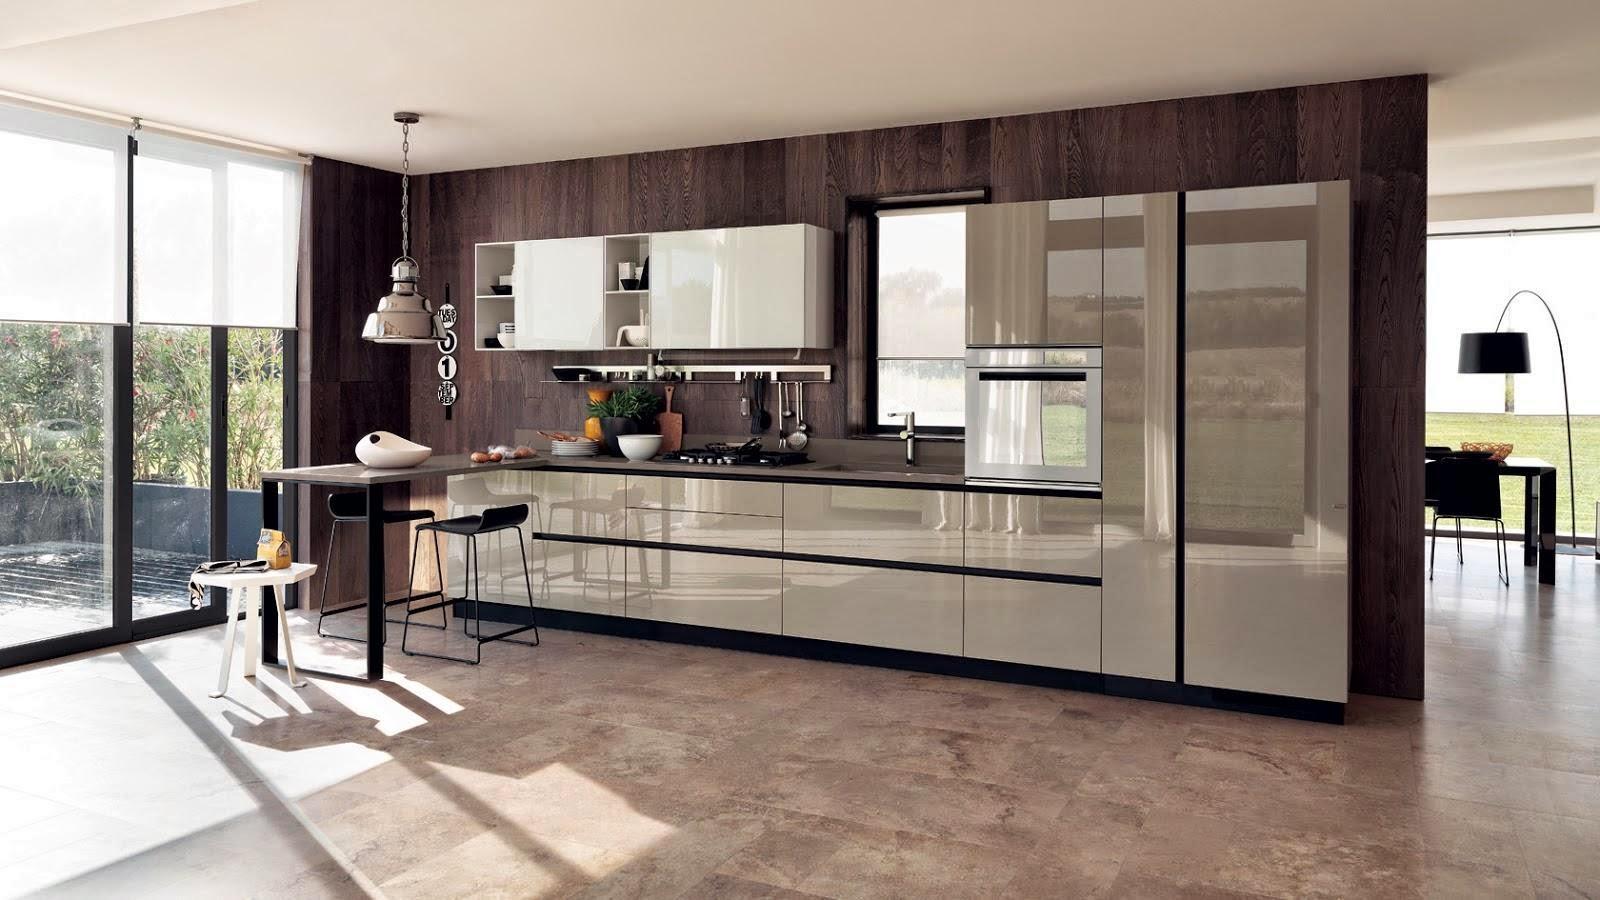 Diseños y decoracion de interiores, cocinas modernas imagenes, fotos